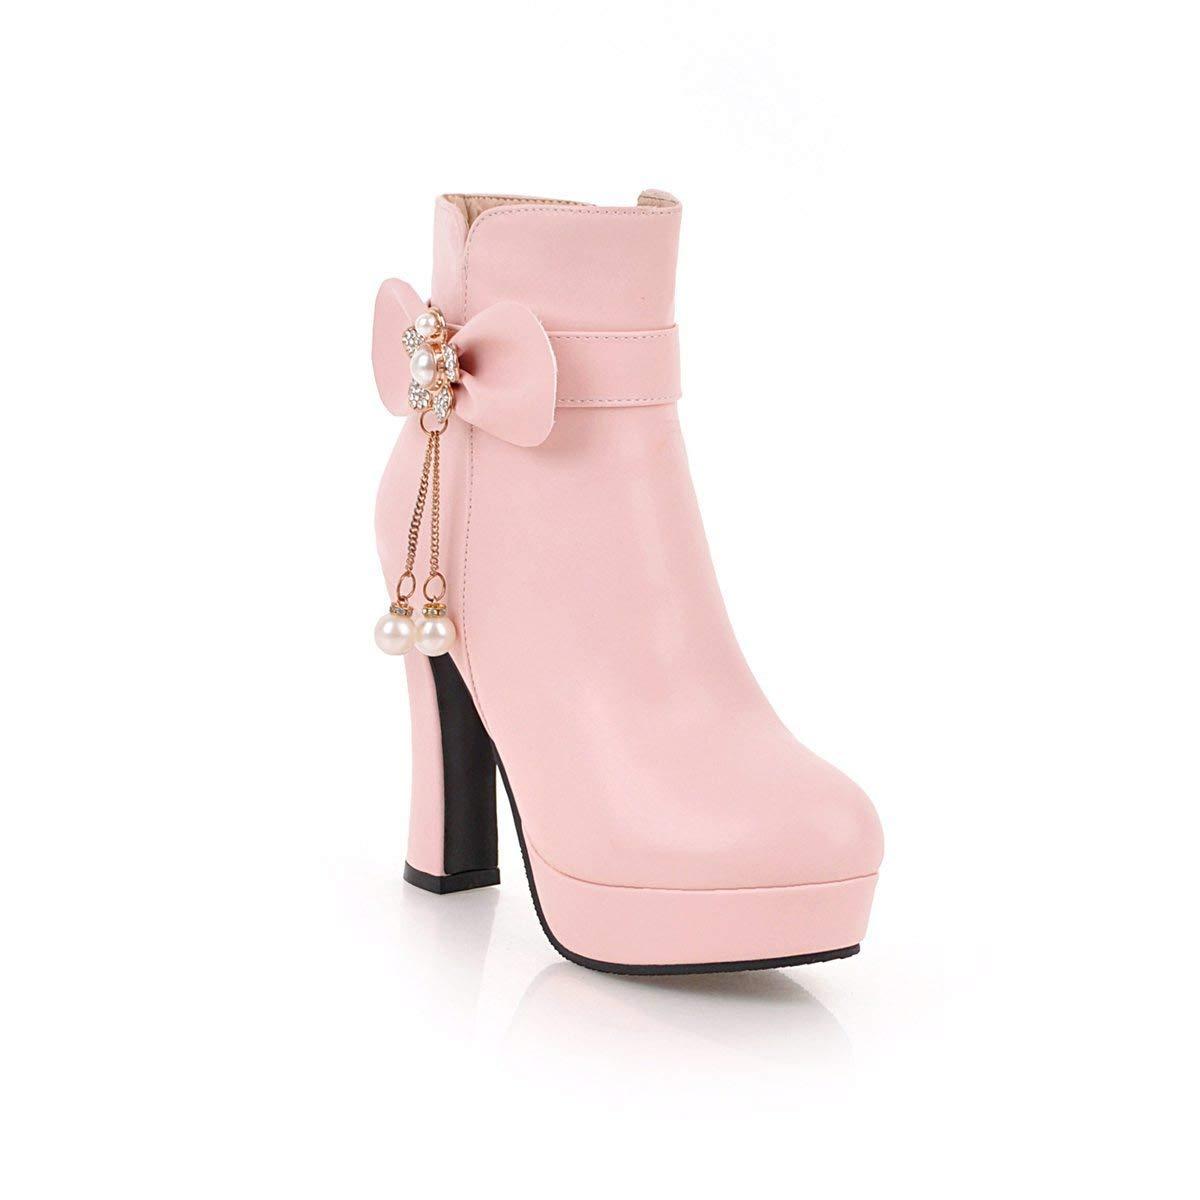 Hy 2018 Damenschuhe Herbst Winter Martins Stiefel Damen Strass Bowknot Super High Heel Stiefelies Stiefeletten Mode Stiefel Weiß Schwarz Rosa (Farbe   Rosa Größe   34)